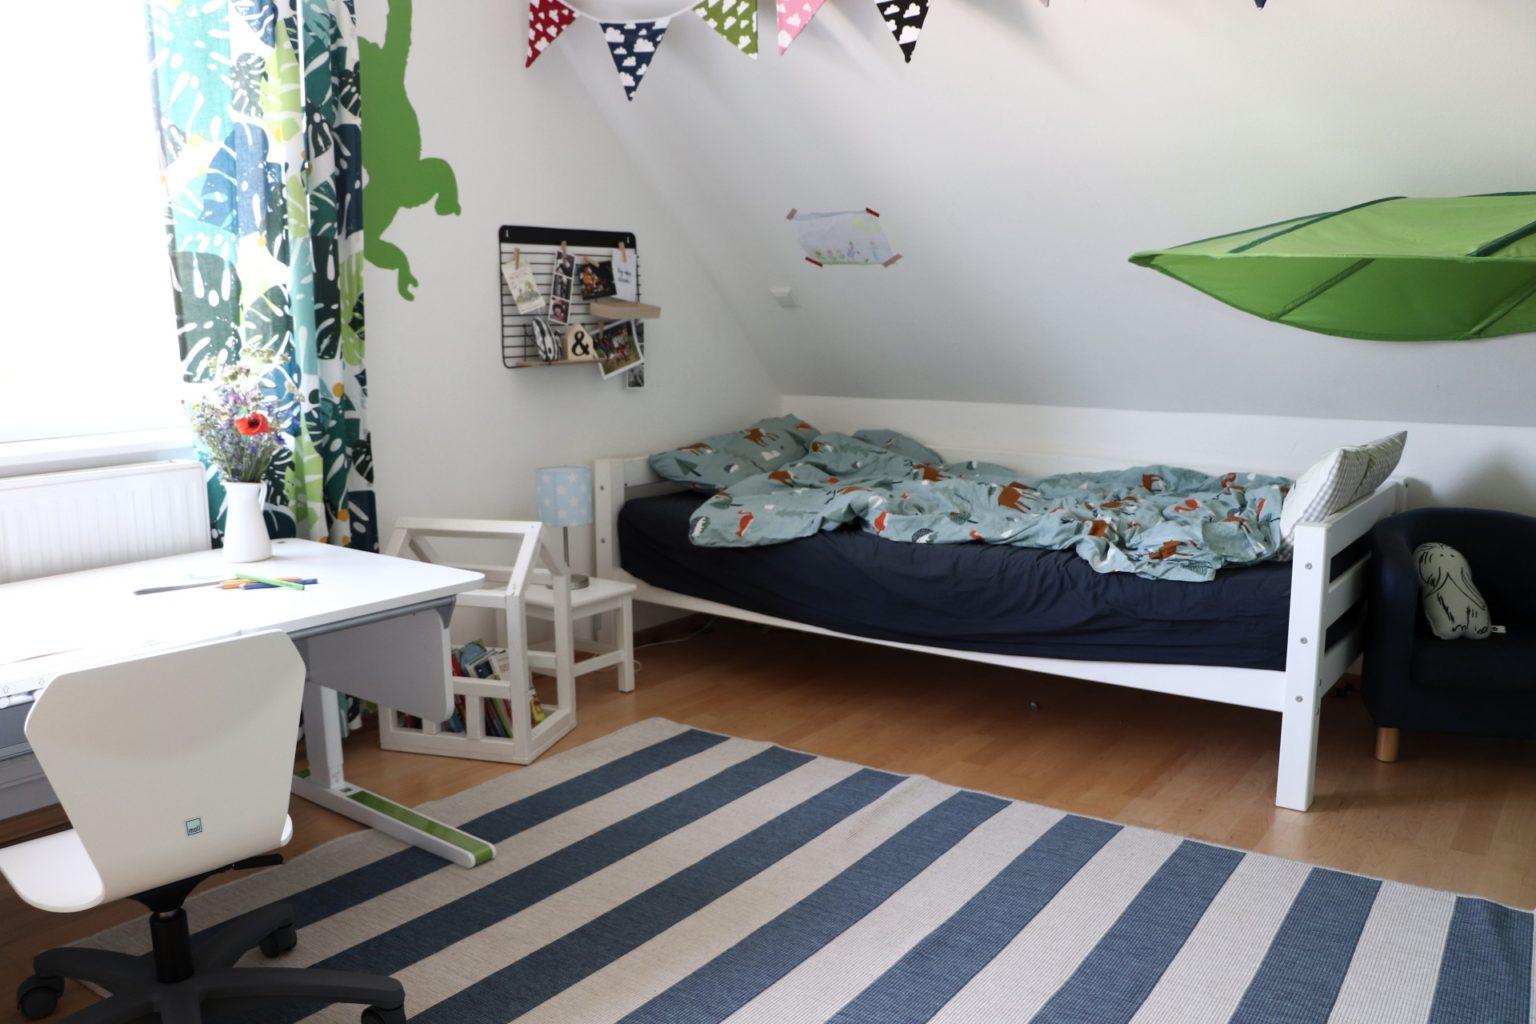 Full Size of Kinderzimmer Einrichten Junge Umgestaltung Vom Kindergartenkind Zum Schulkind Regal Sofa Badezimmer Regale Kleine Küche Weiß Kinderzimmer Kinderzimmer Einrichten Junge